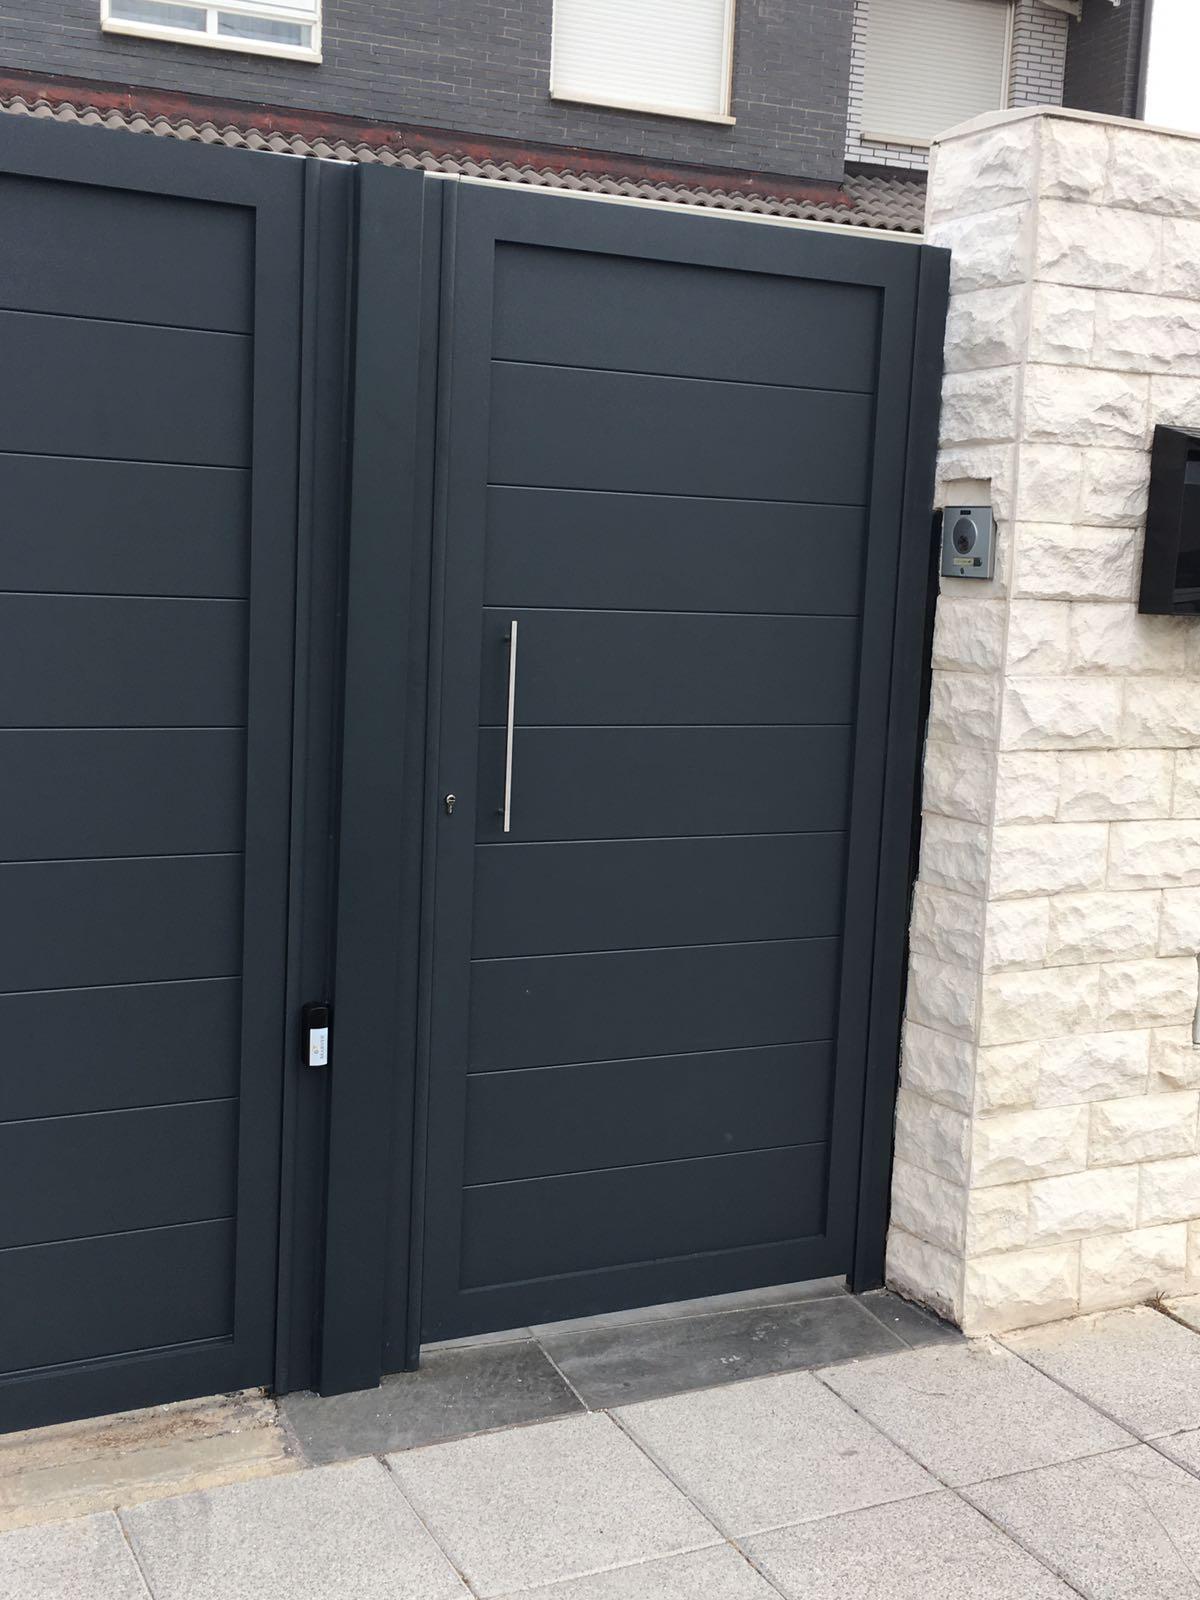 Puertas de aluminio soldado modelo gri on patentado - Puertas metalicas jardin ...